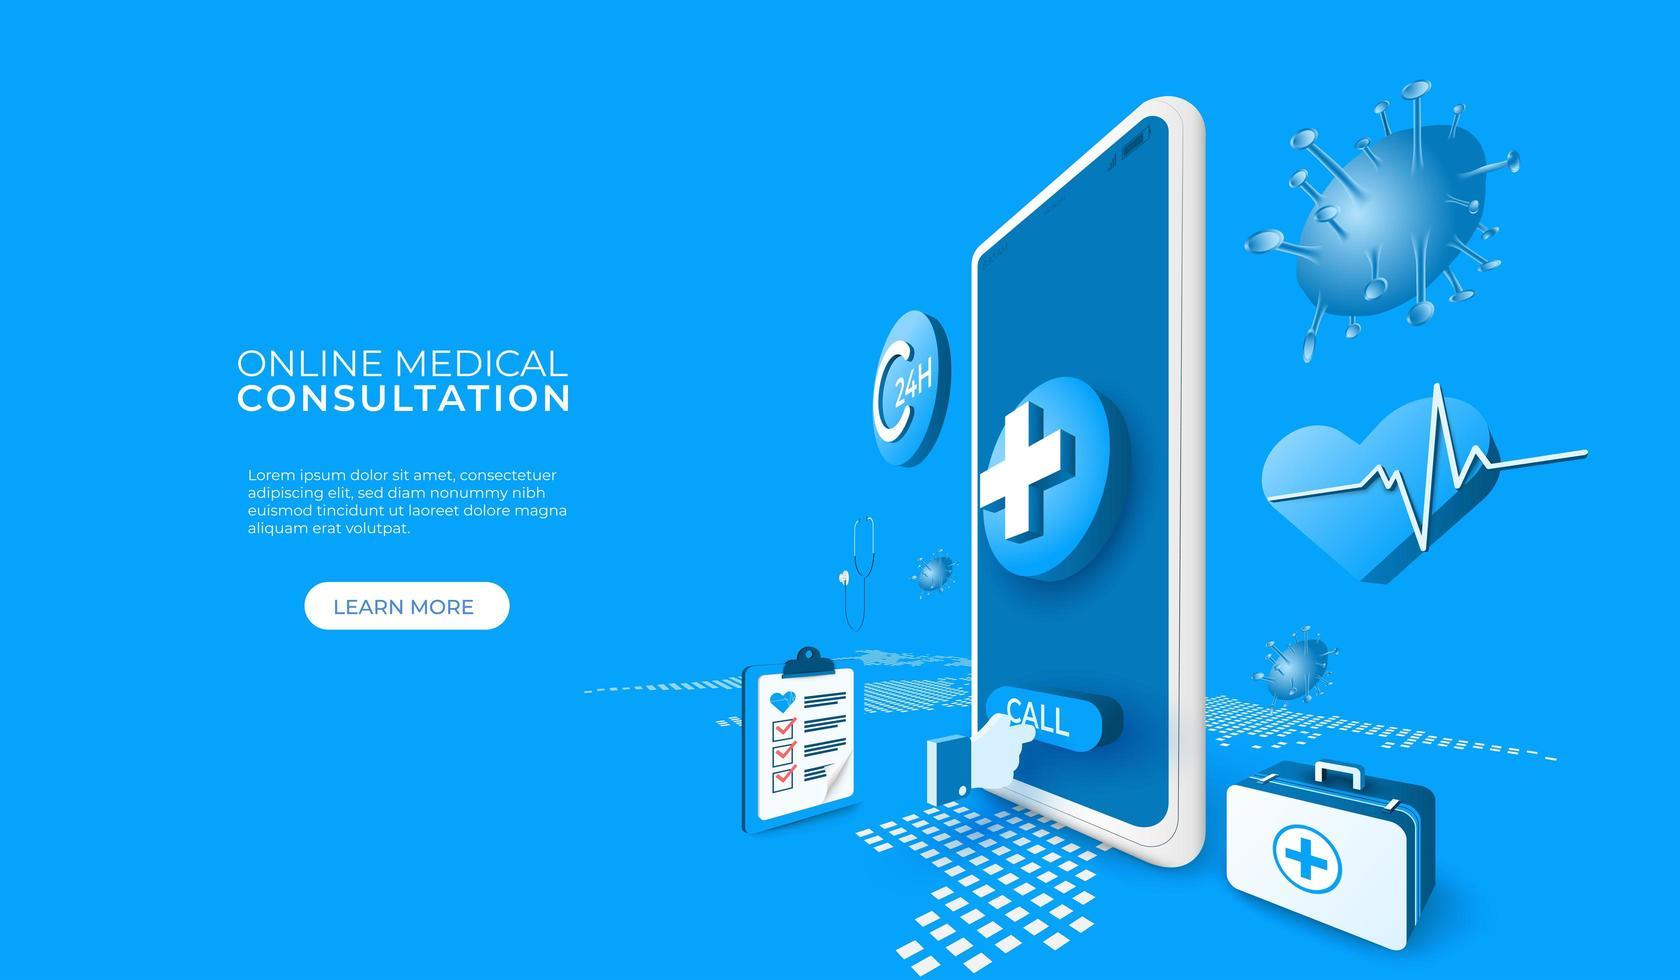 online medisch consult via telefoon of tablet vector